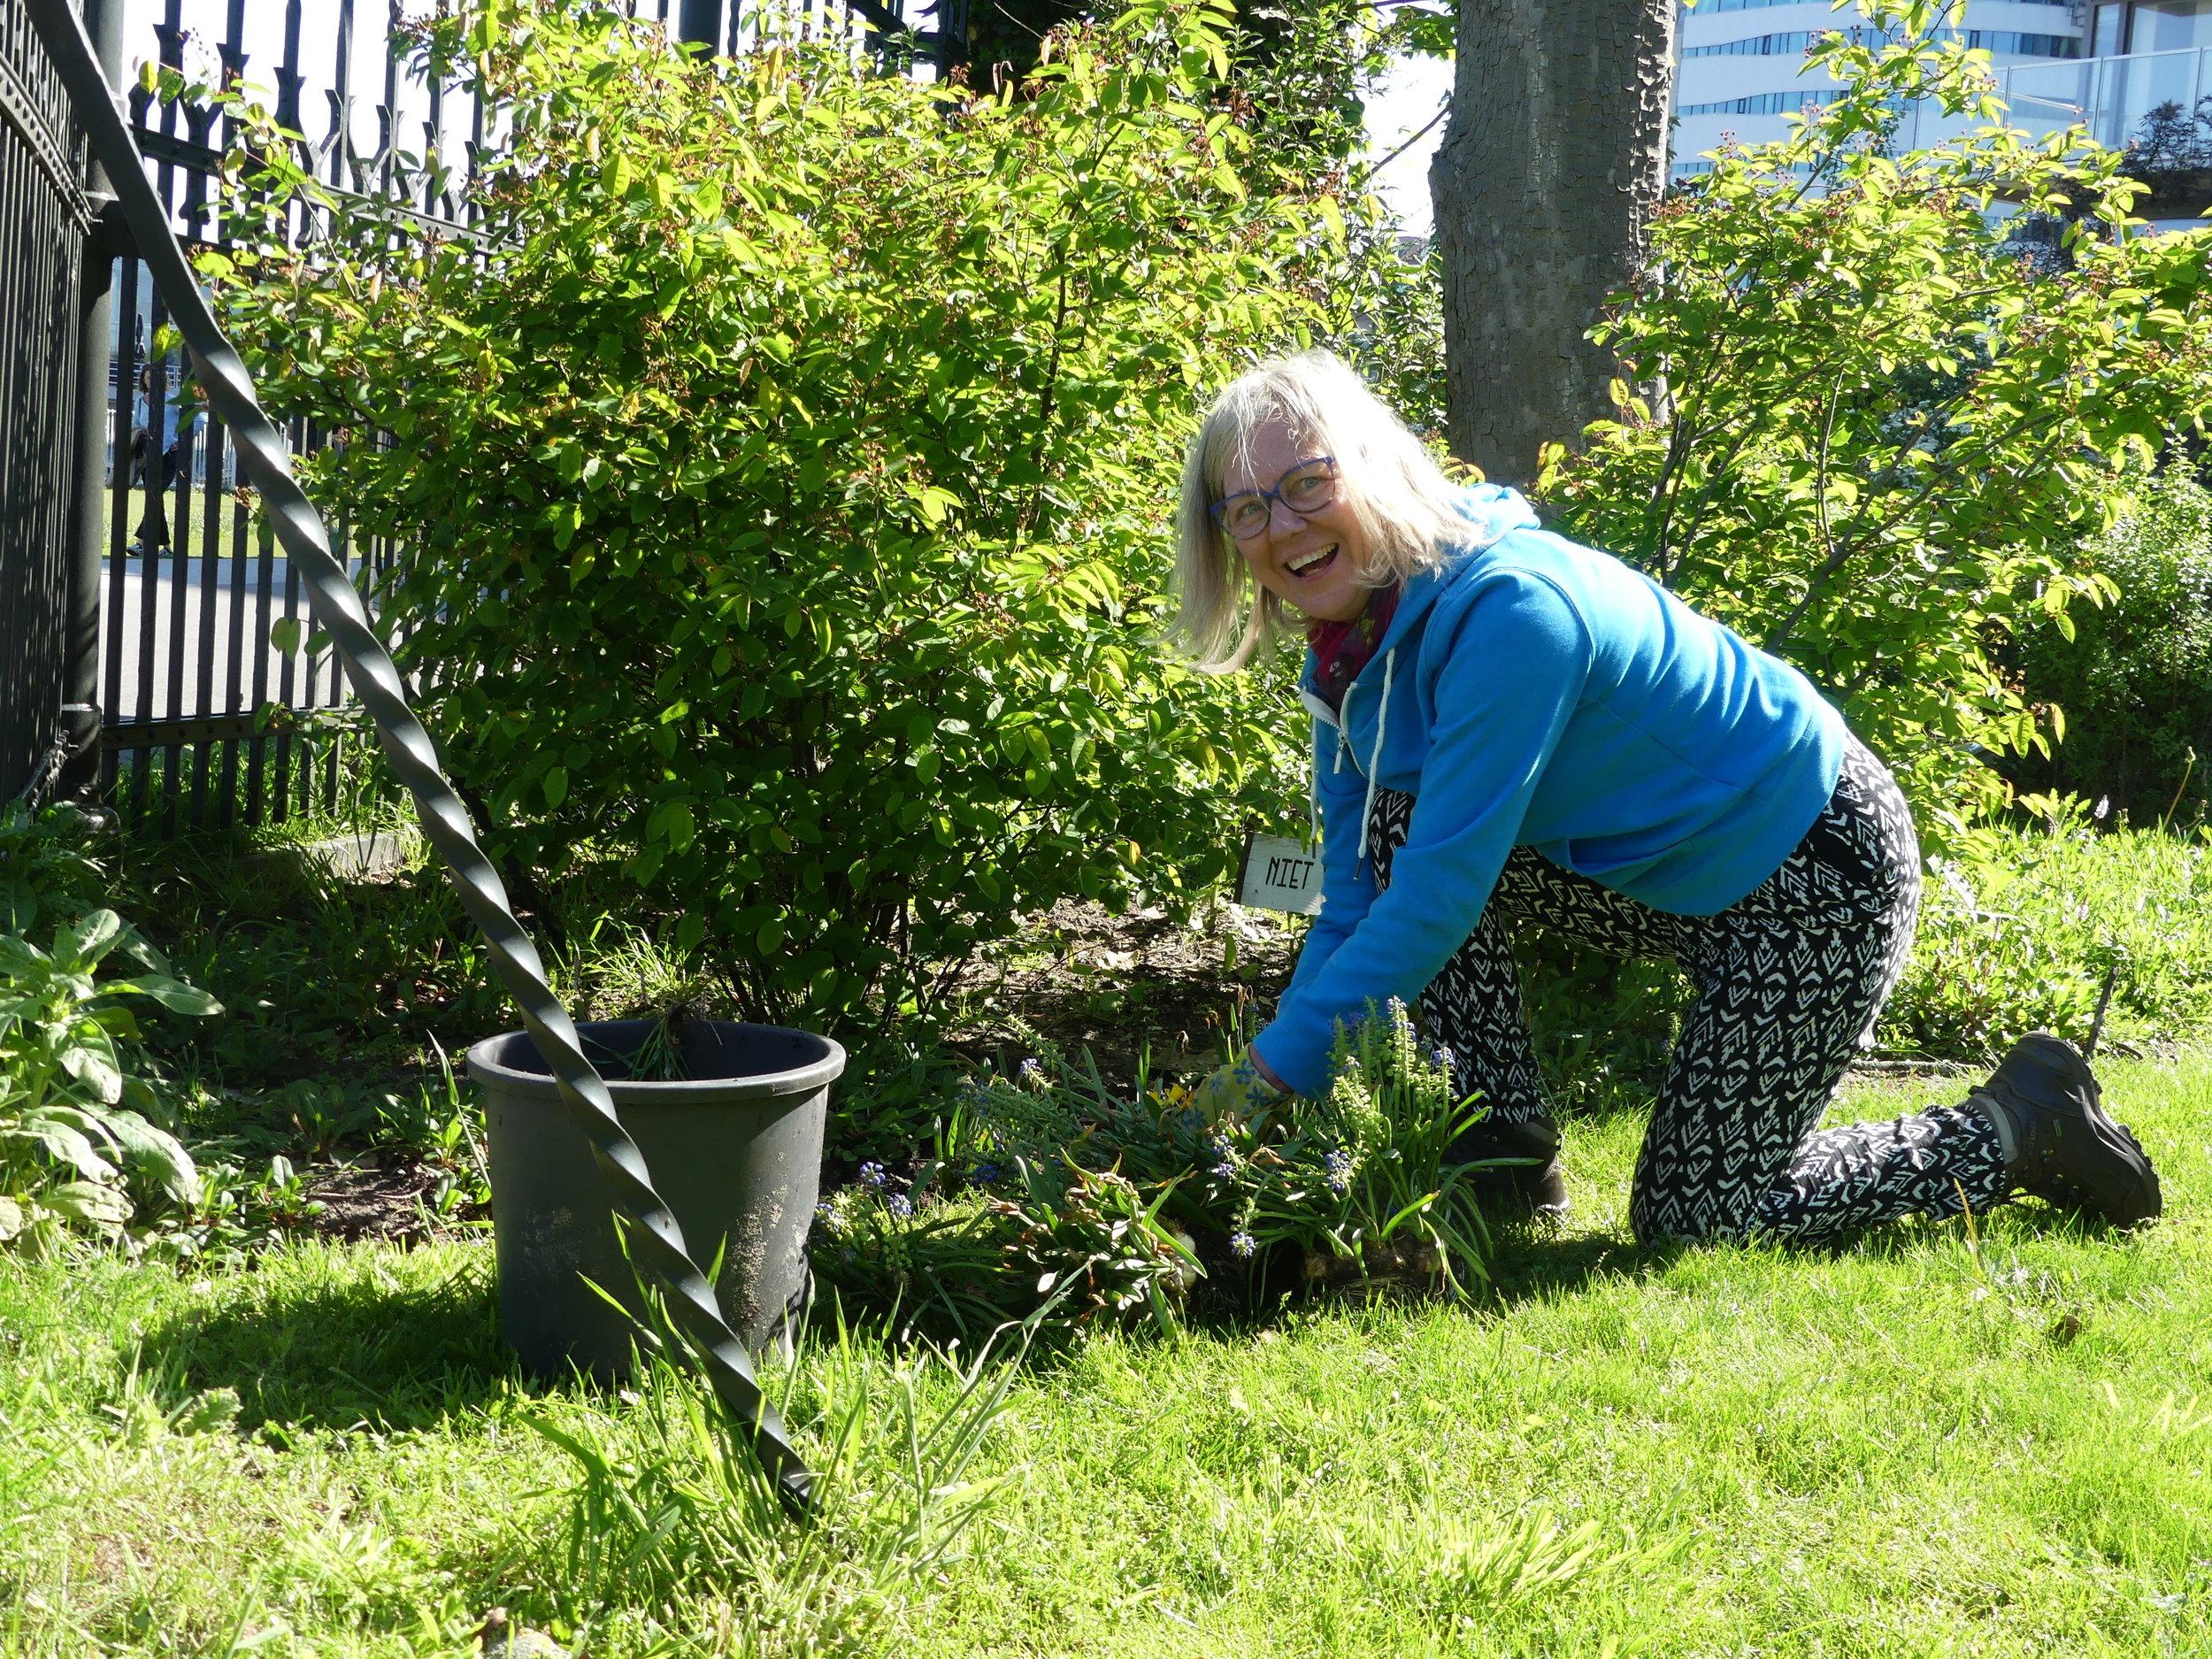 - Zaterdag 2 juni duiken we weer de tuin in! Heb jij groene vingers en lijkt het je leuk elke eerste zaterdag van de maand t/m mei te helpen met tuinieren in onze tuin? Meld je dan aan via info@thuisaandeamstel.nl of kom op de dag zelf gezellig aanwaaien.Onder leiding van Tjalf onze tuinman leer je hoe je moet snoeien en een tuin zomerklaar moet maken. Je wordt ontvangen met een heerlijke kop koffie en uiteraard zorgen we ook voor een goede lunch. We zullen een half dagje bezig zijn van 9:30 tot 14:00, als je een paar uurtjes daarvan kunt is die hulp ook welkom!Super leuk als je ons komt helpen!